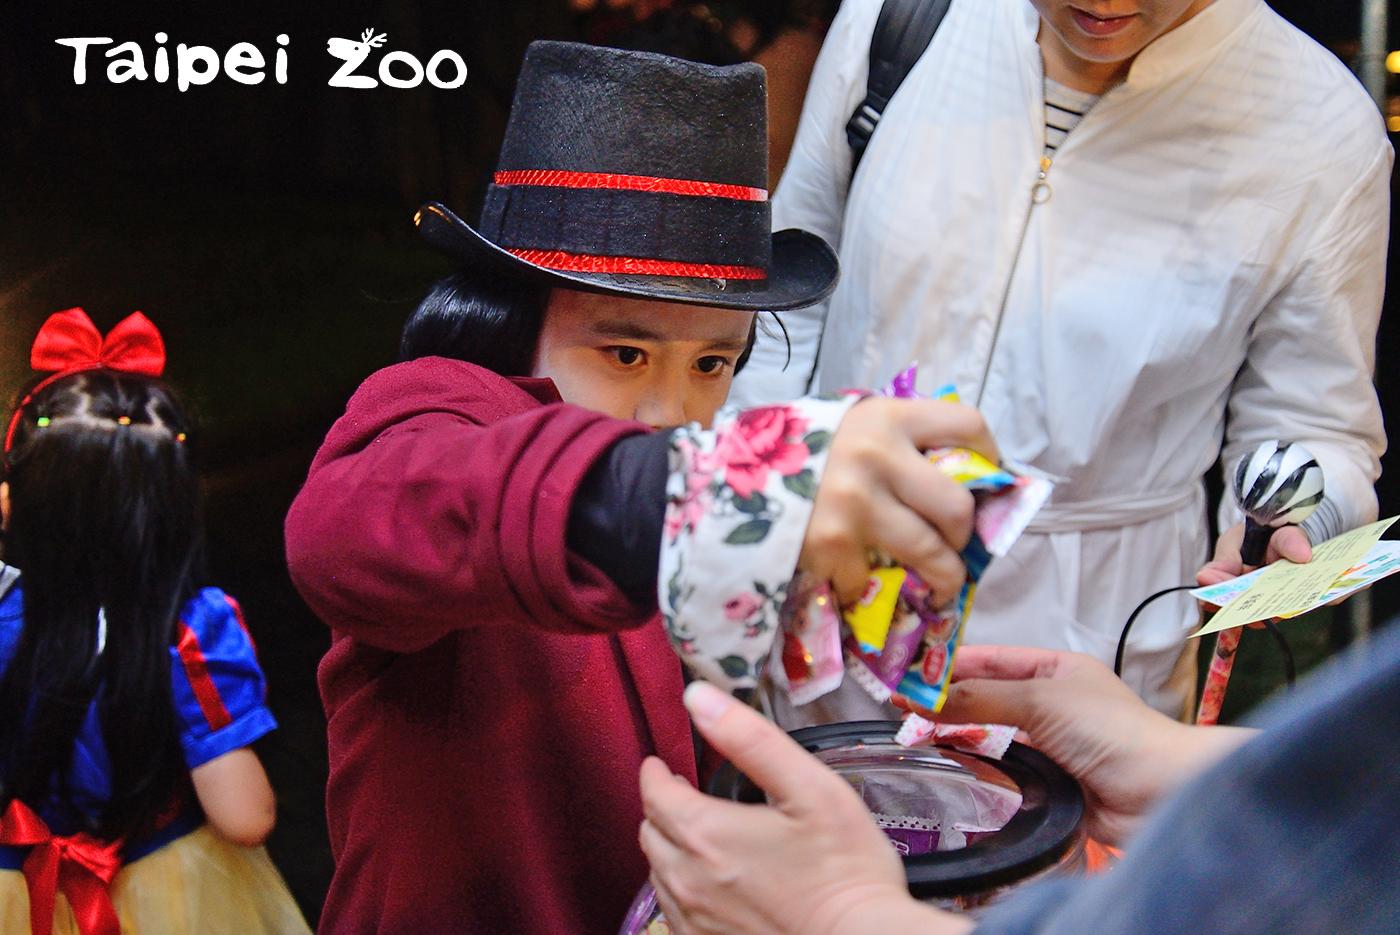 Photo provenant de Taipei Zoo